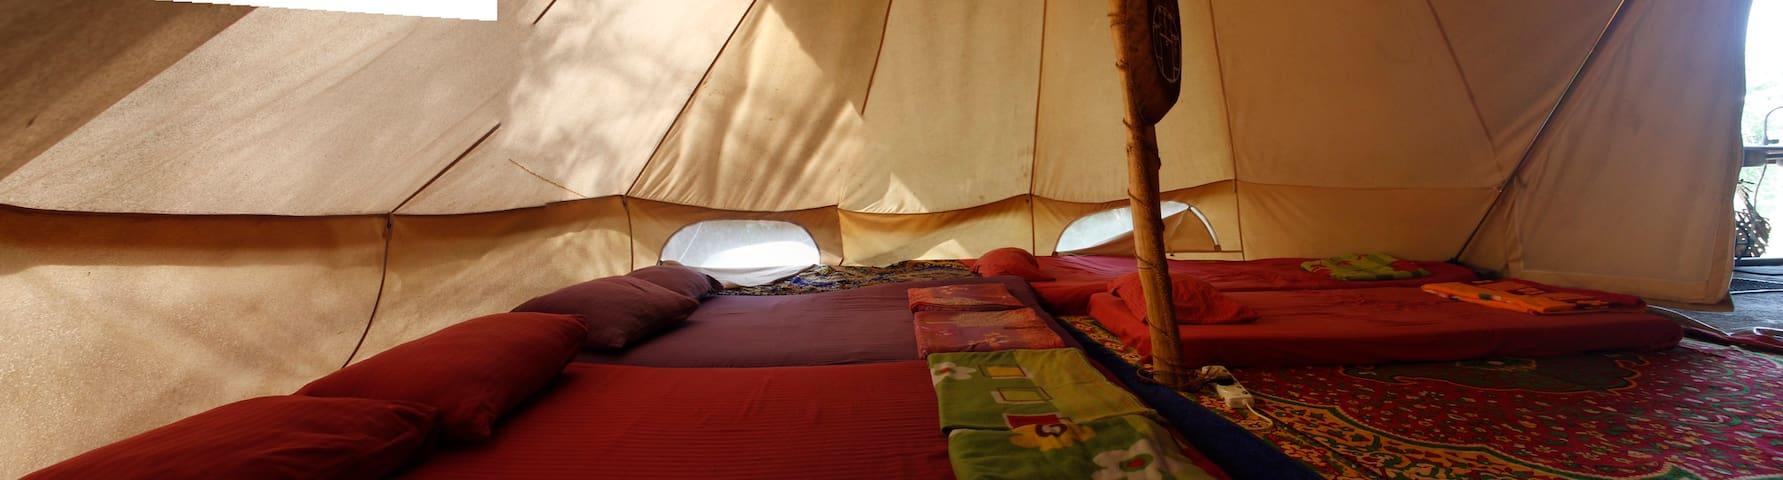 Jungle Vista - Sleep in a Teepee (Tent Big)